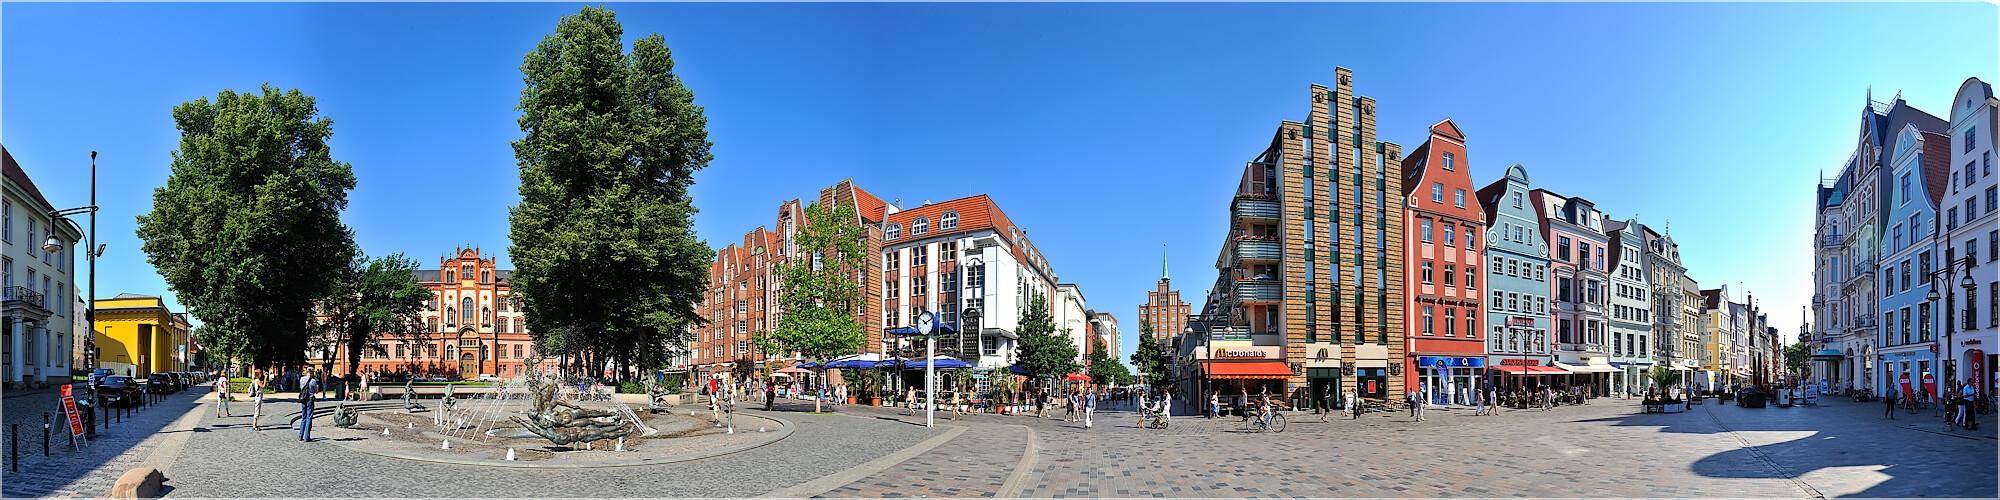 Panoramabild Rostock Universitätsplatz